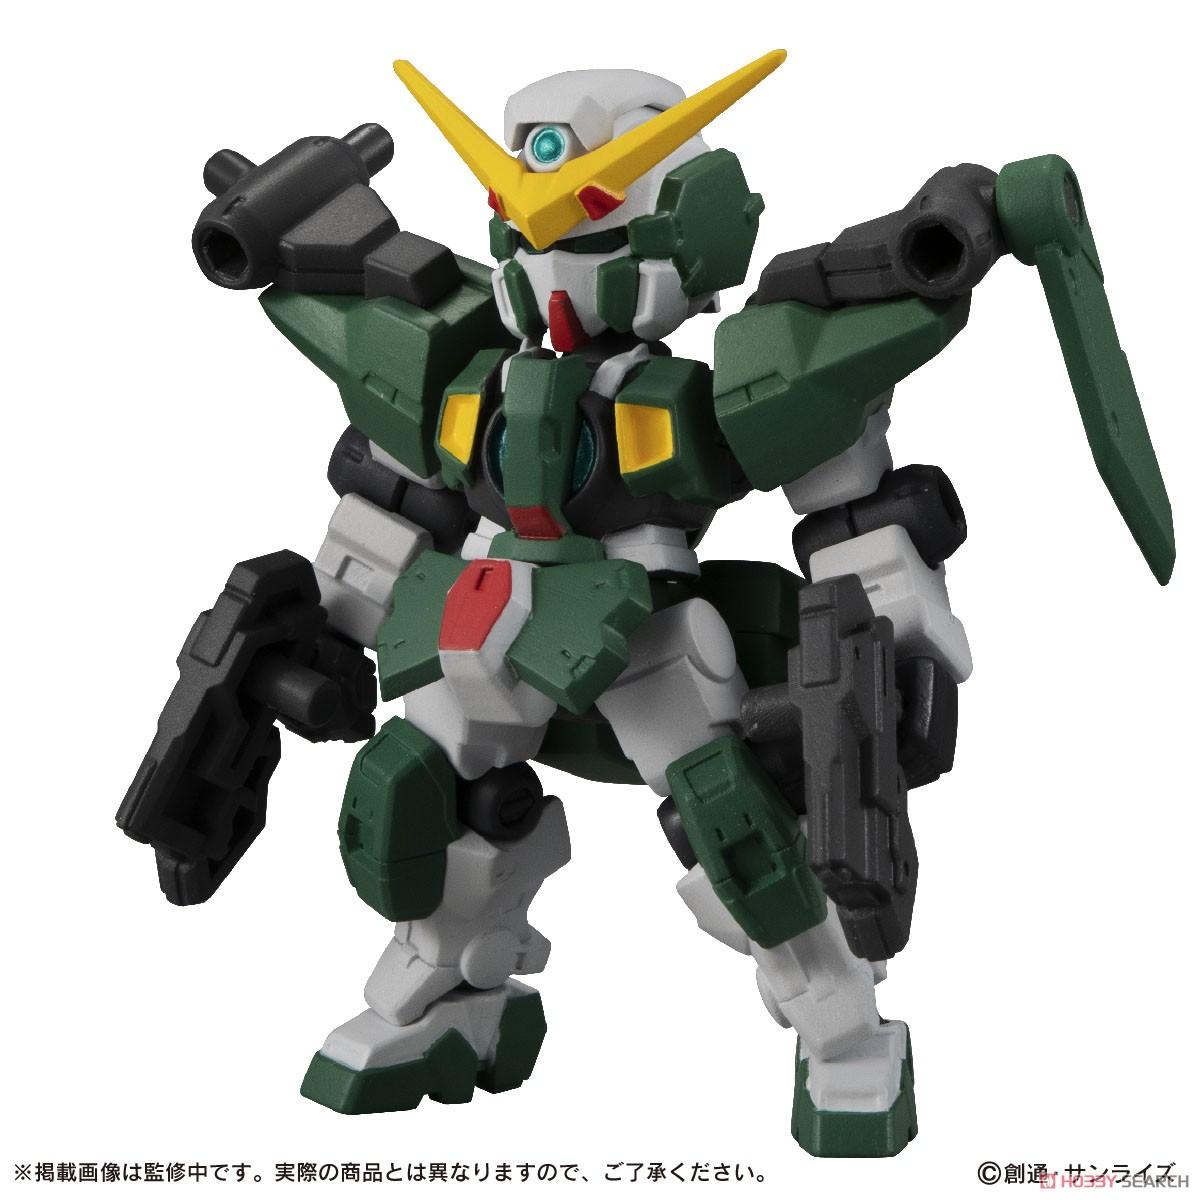 機動戦士ガンダム『MOBILE SUIT ENSEMBLE15』デフォルメフィギュア 10個入りBOX-002